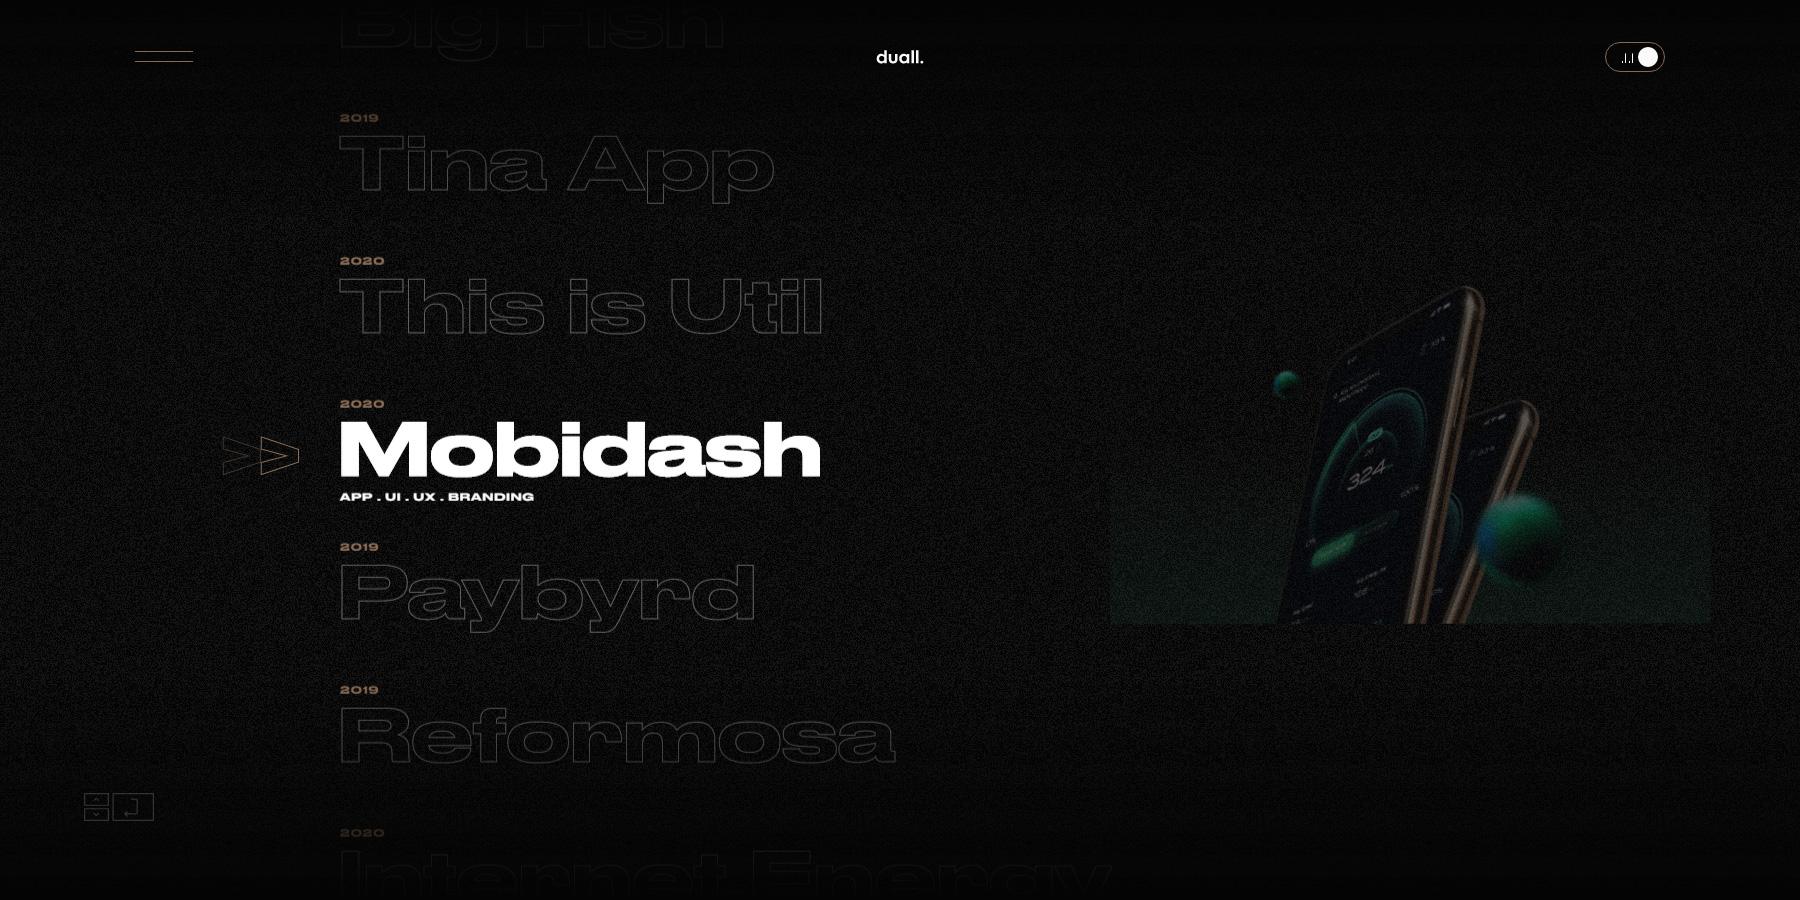 DuallStudio - Website of the Day